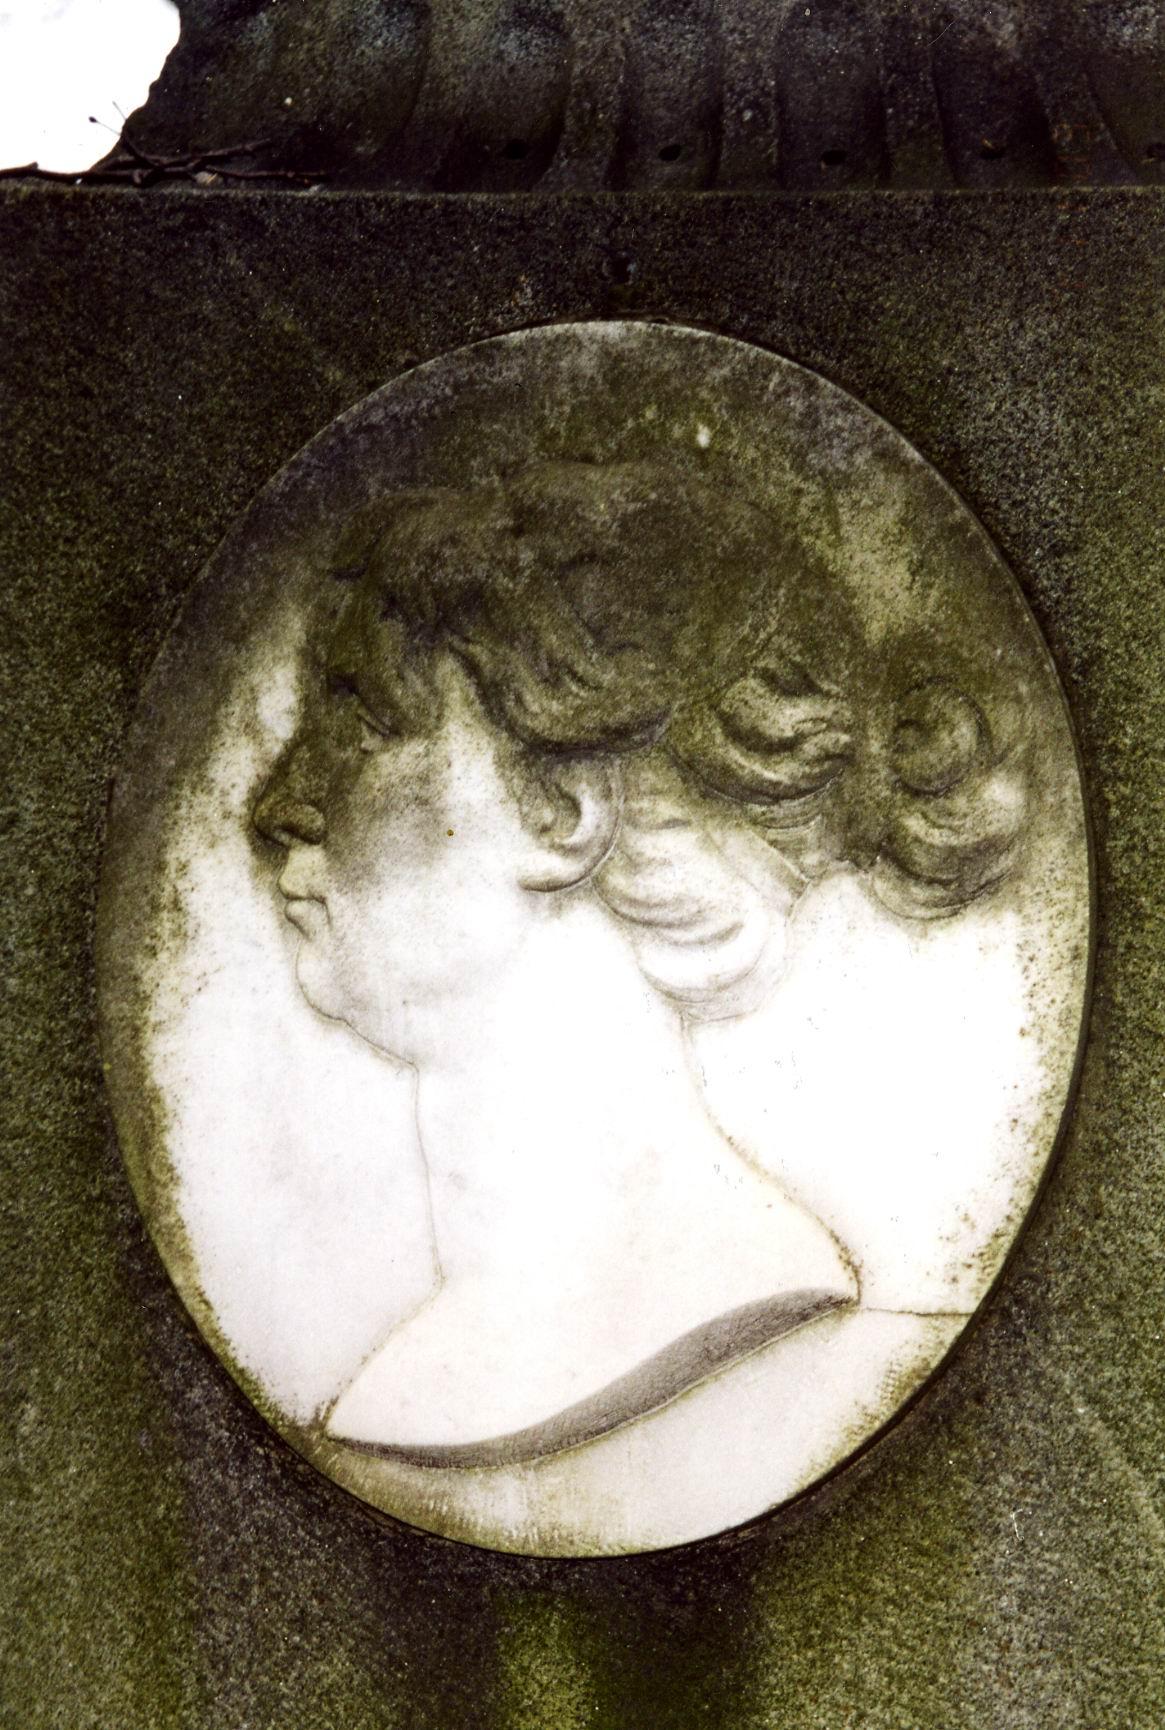 Западный портретный медальон из белого, мелко-, среднезернистого мрамора. Видны колонии водорослей. Фото ноября 2003 г.